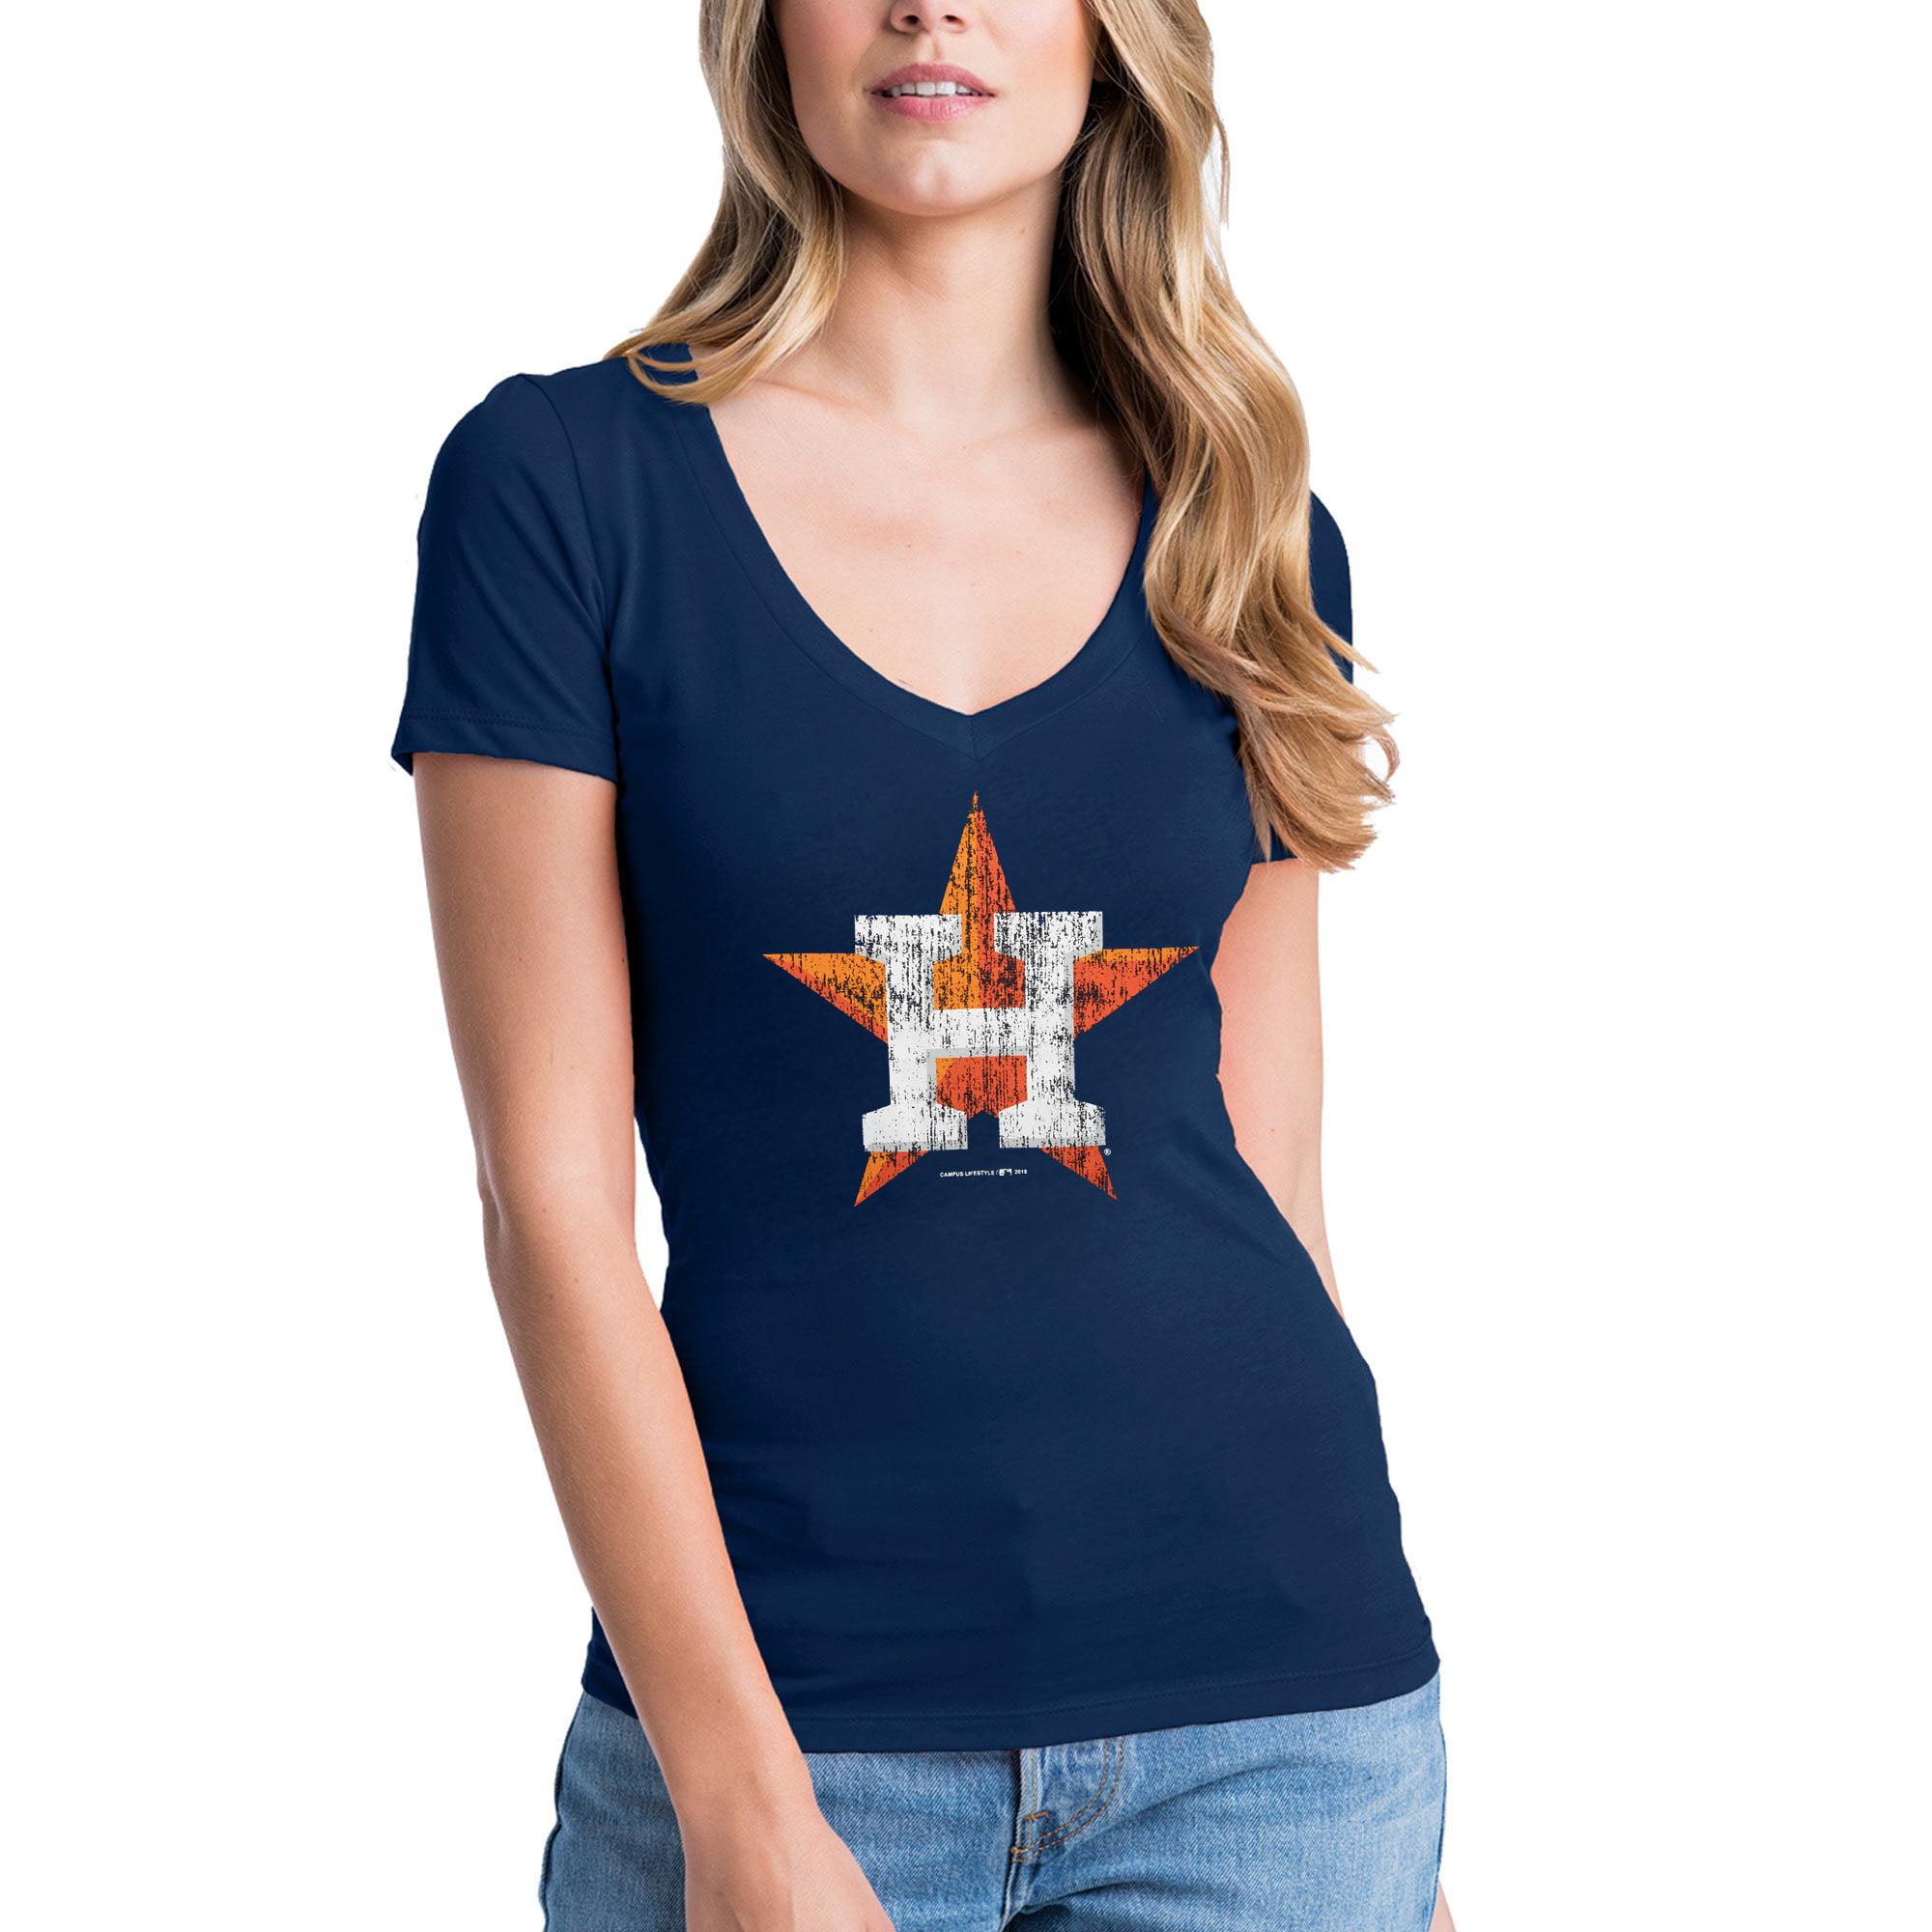 Houston Astros New Era Women's V-Neck T-Shirt - Navy